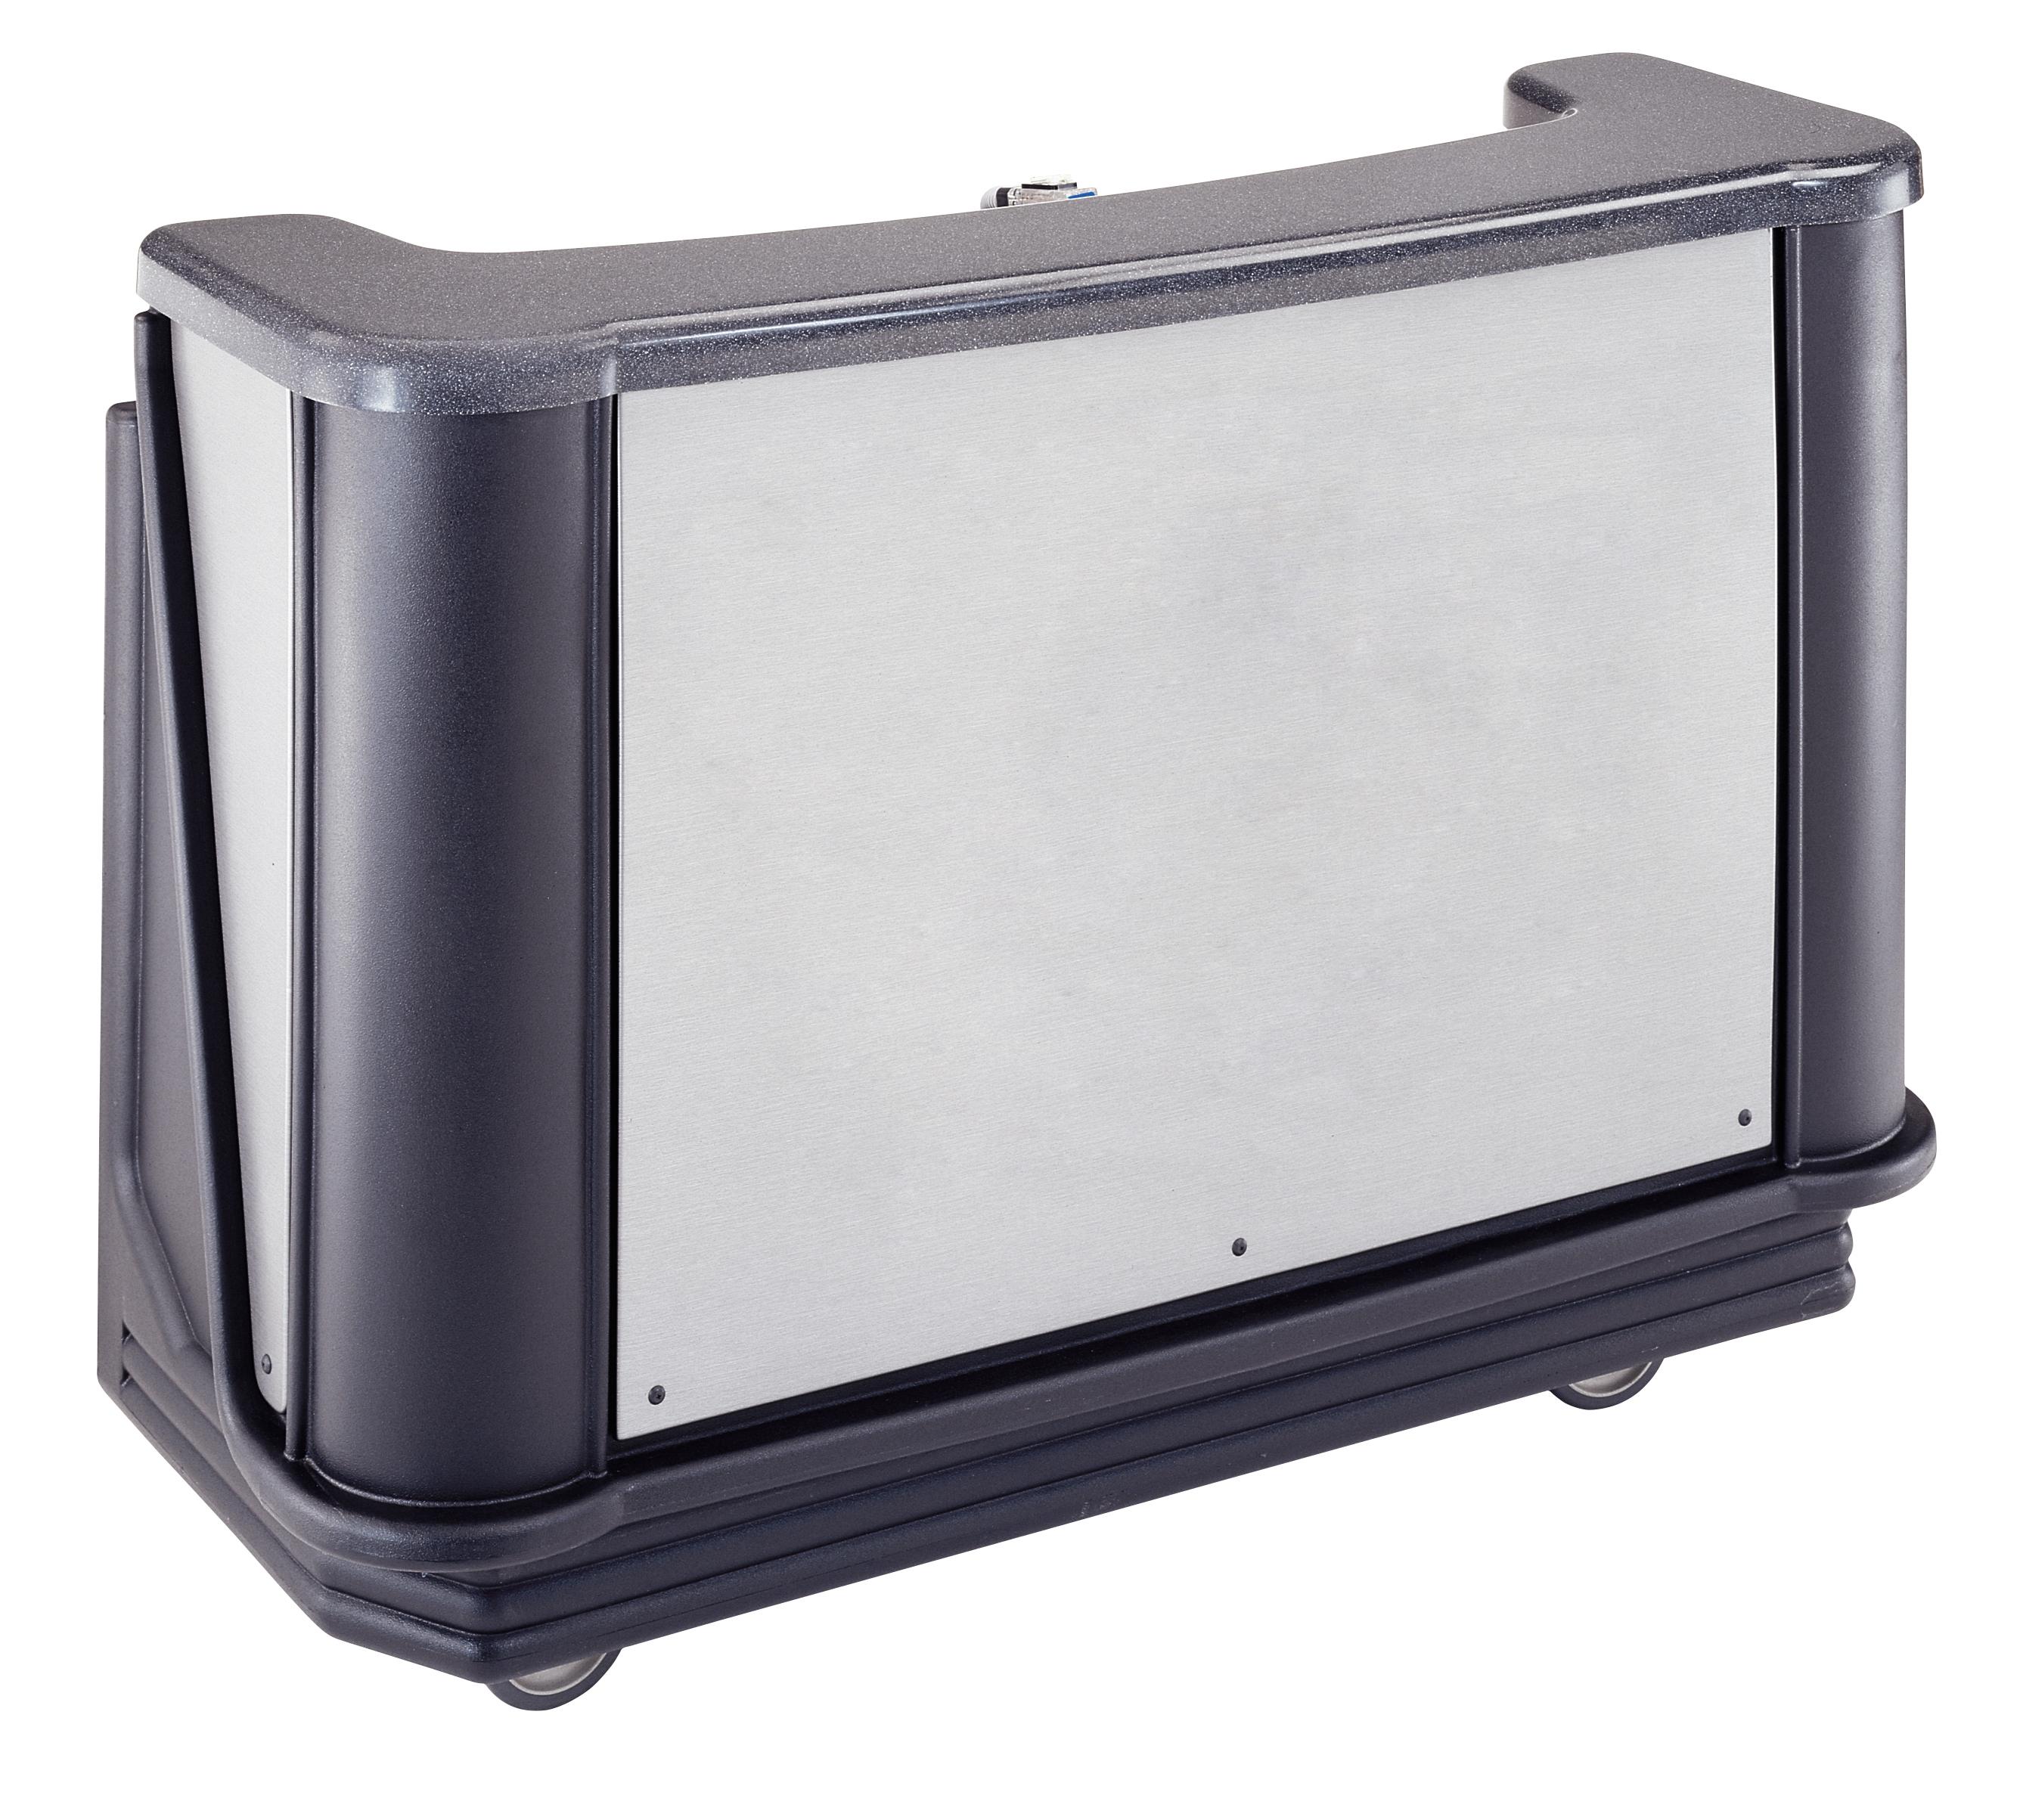 Cambro BAR650DSPM770 portable bar